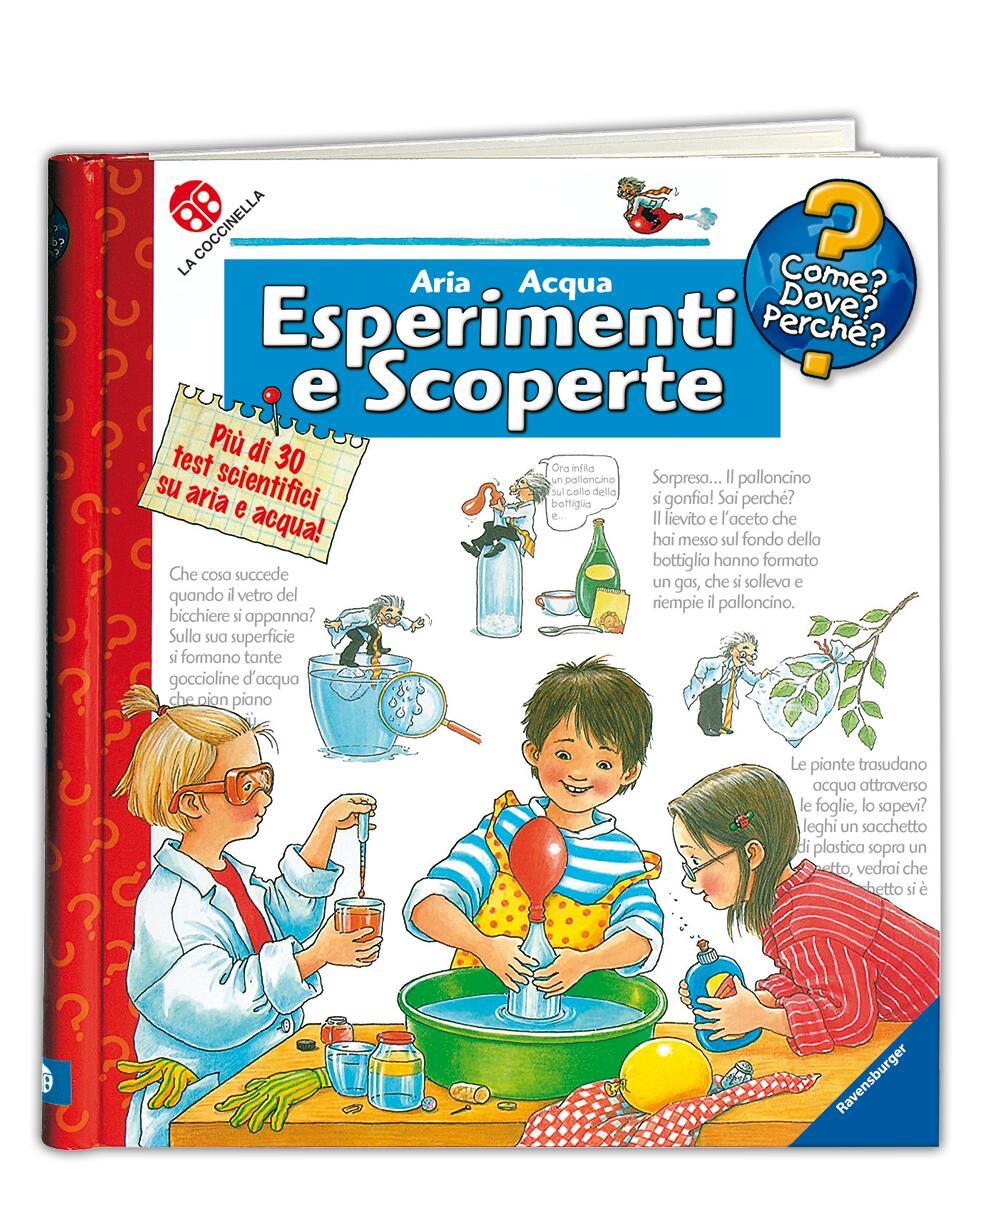 Aria e acqua esperimenti e scoperte ediz a colori - Dove stampare pagine a colori ...